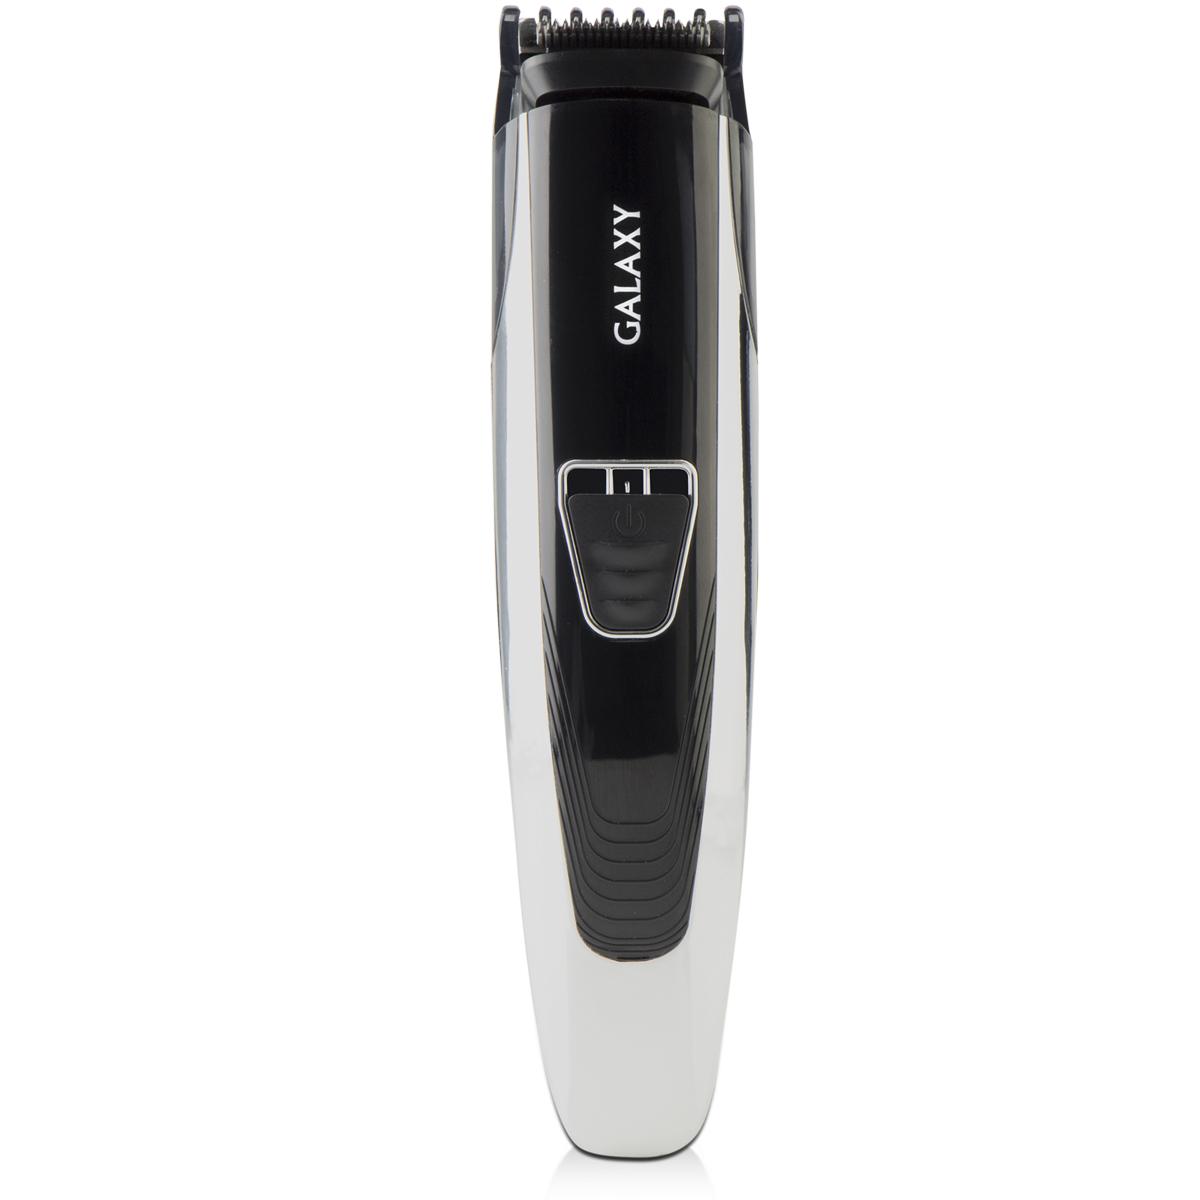 Galaxy GL 4154, Black набор для стрижки4650067301792Машинка для стрижки волос Galaxy GL 4154 поможет вам сделать как простую, так и сложную стрижку в домашних условиях. Лезвия из японской нержавеющей стали обеспечивают плавность хода и гарантируют превосходное качество стрижки. Встроенный триммер шириной 25 мм